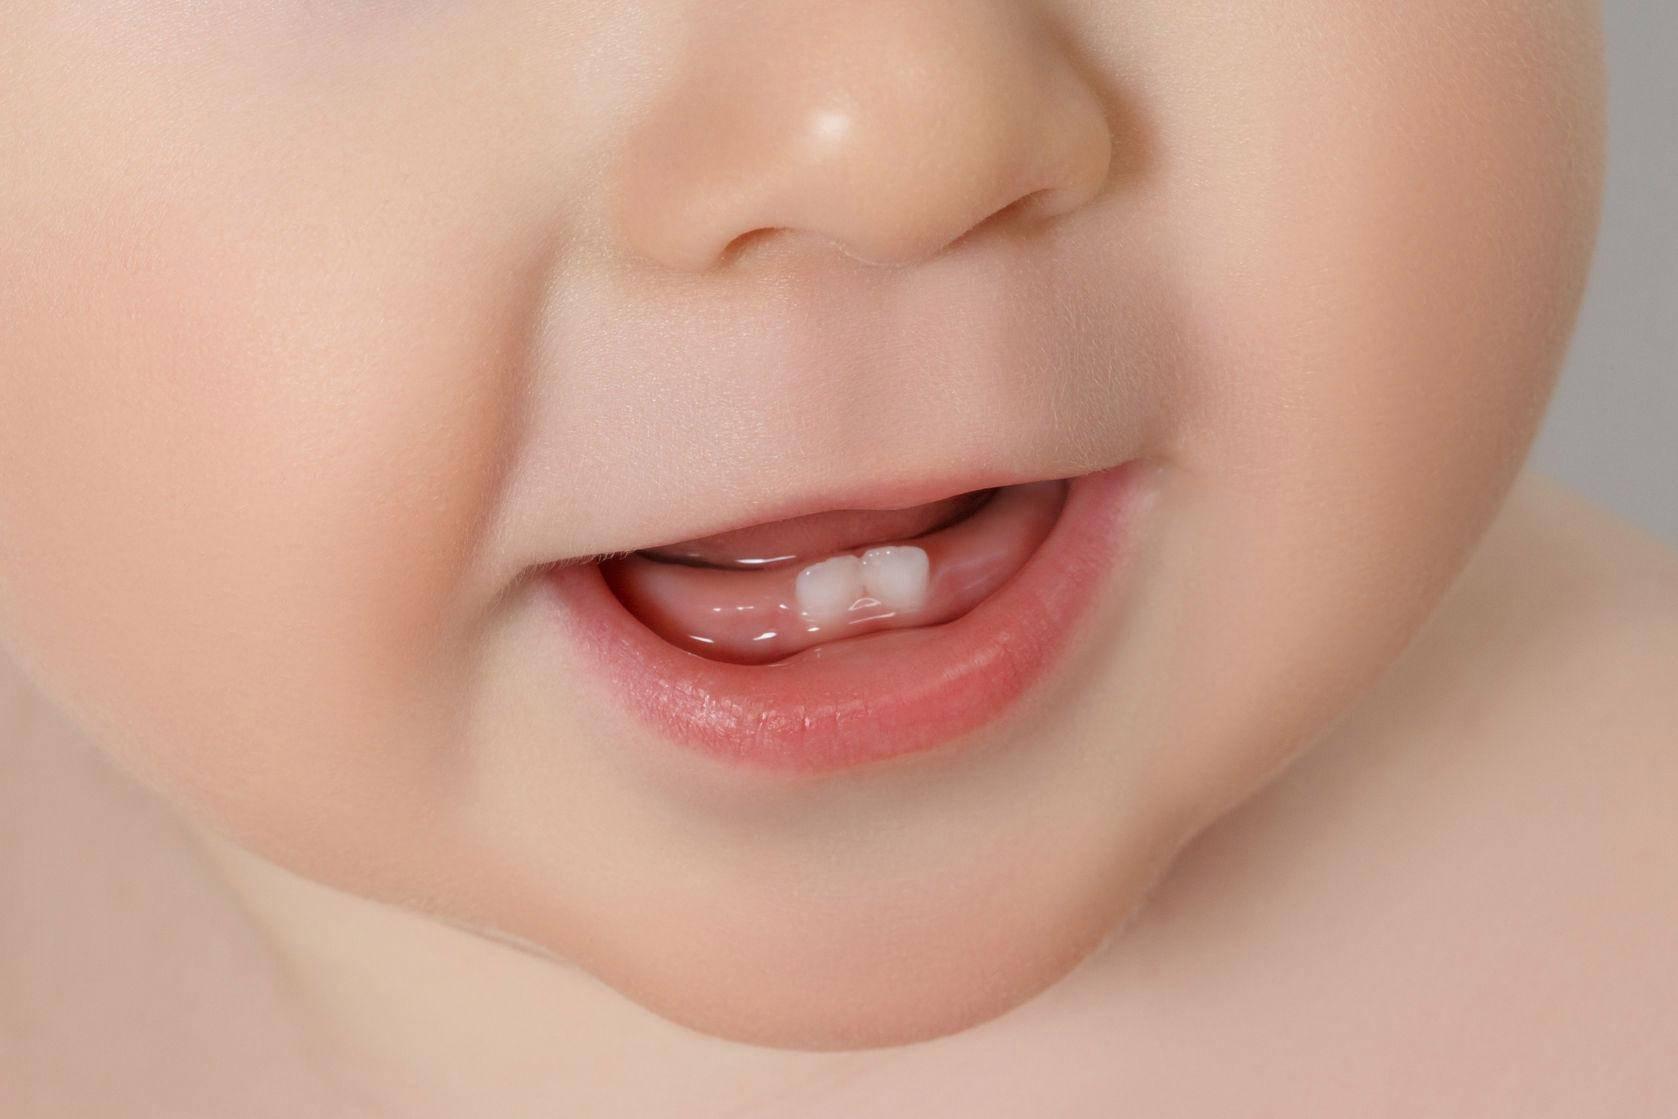 Прорезывание зубов – как помочь ребенку и не вымотаться родителям